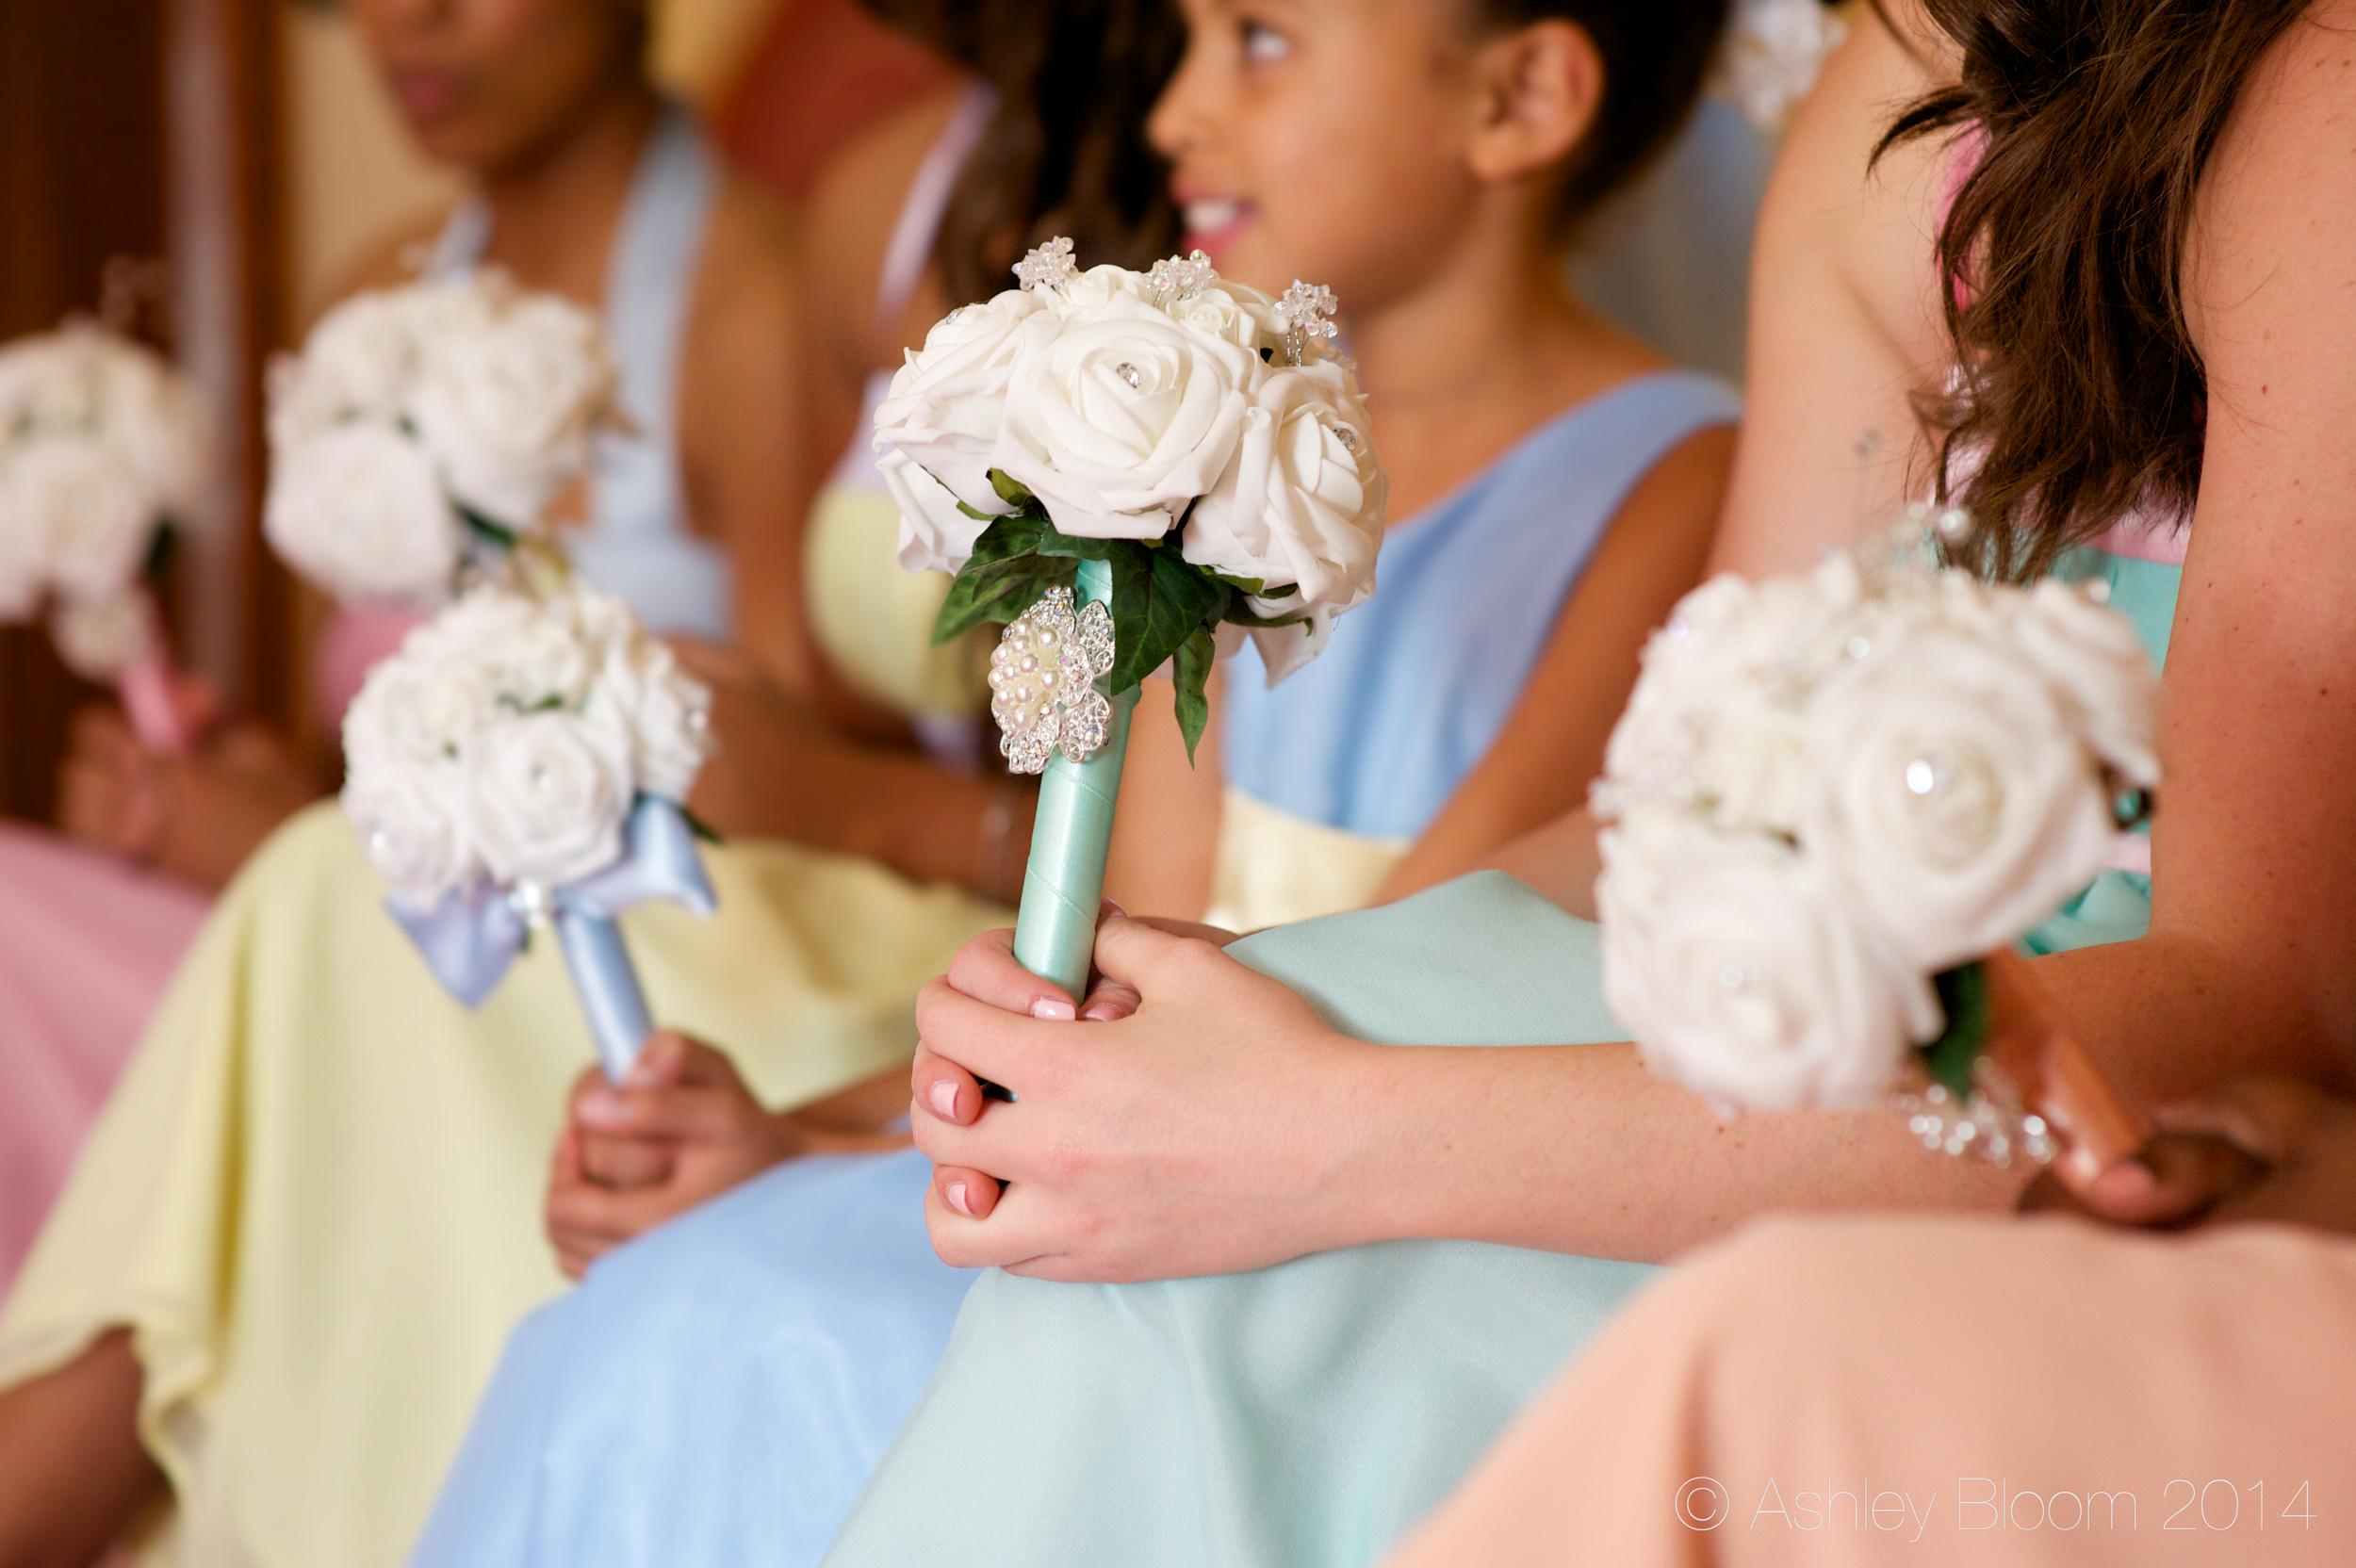 Darren & Katie's Wedding 129.jpg